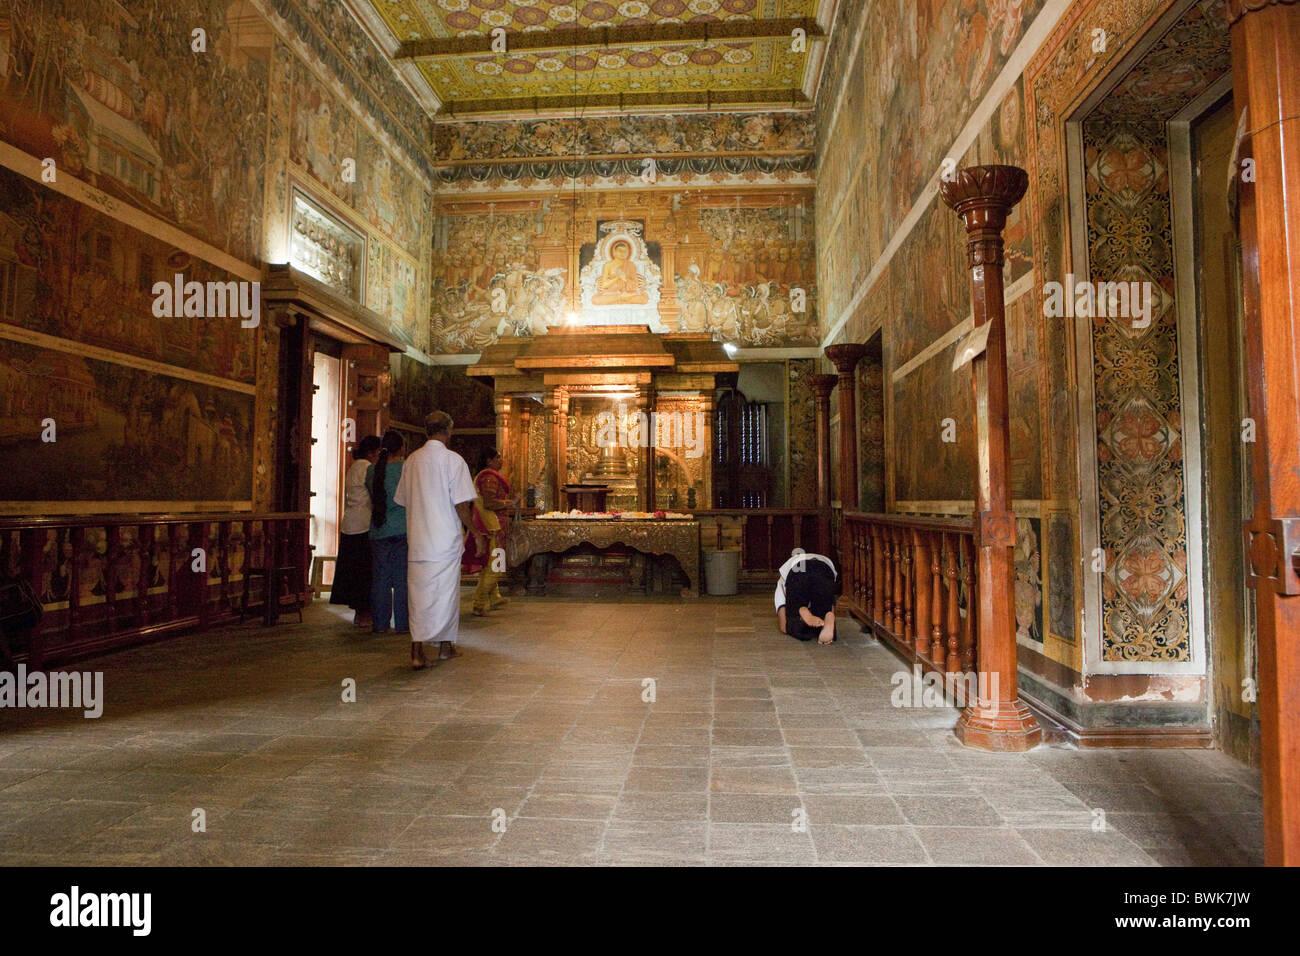 Wandmalereien aus dem 18. Jahrhundert im Inneren der erlernte Raja Maha Vihara Tempel, Colombo, Sri Lanka, Asien Stockbild